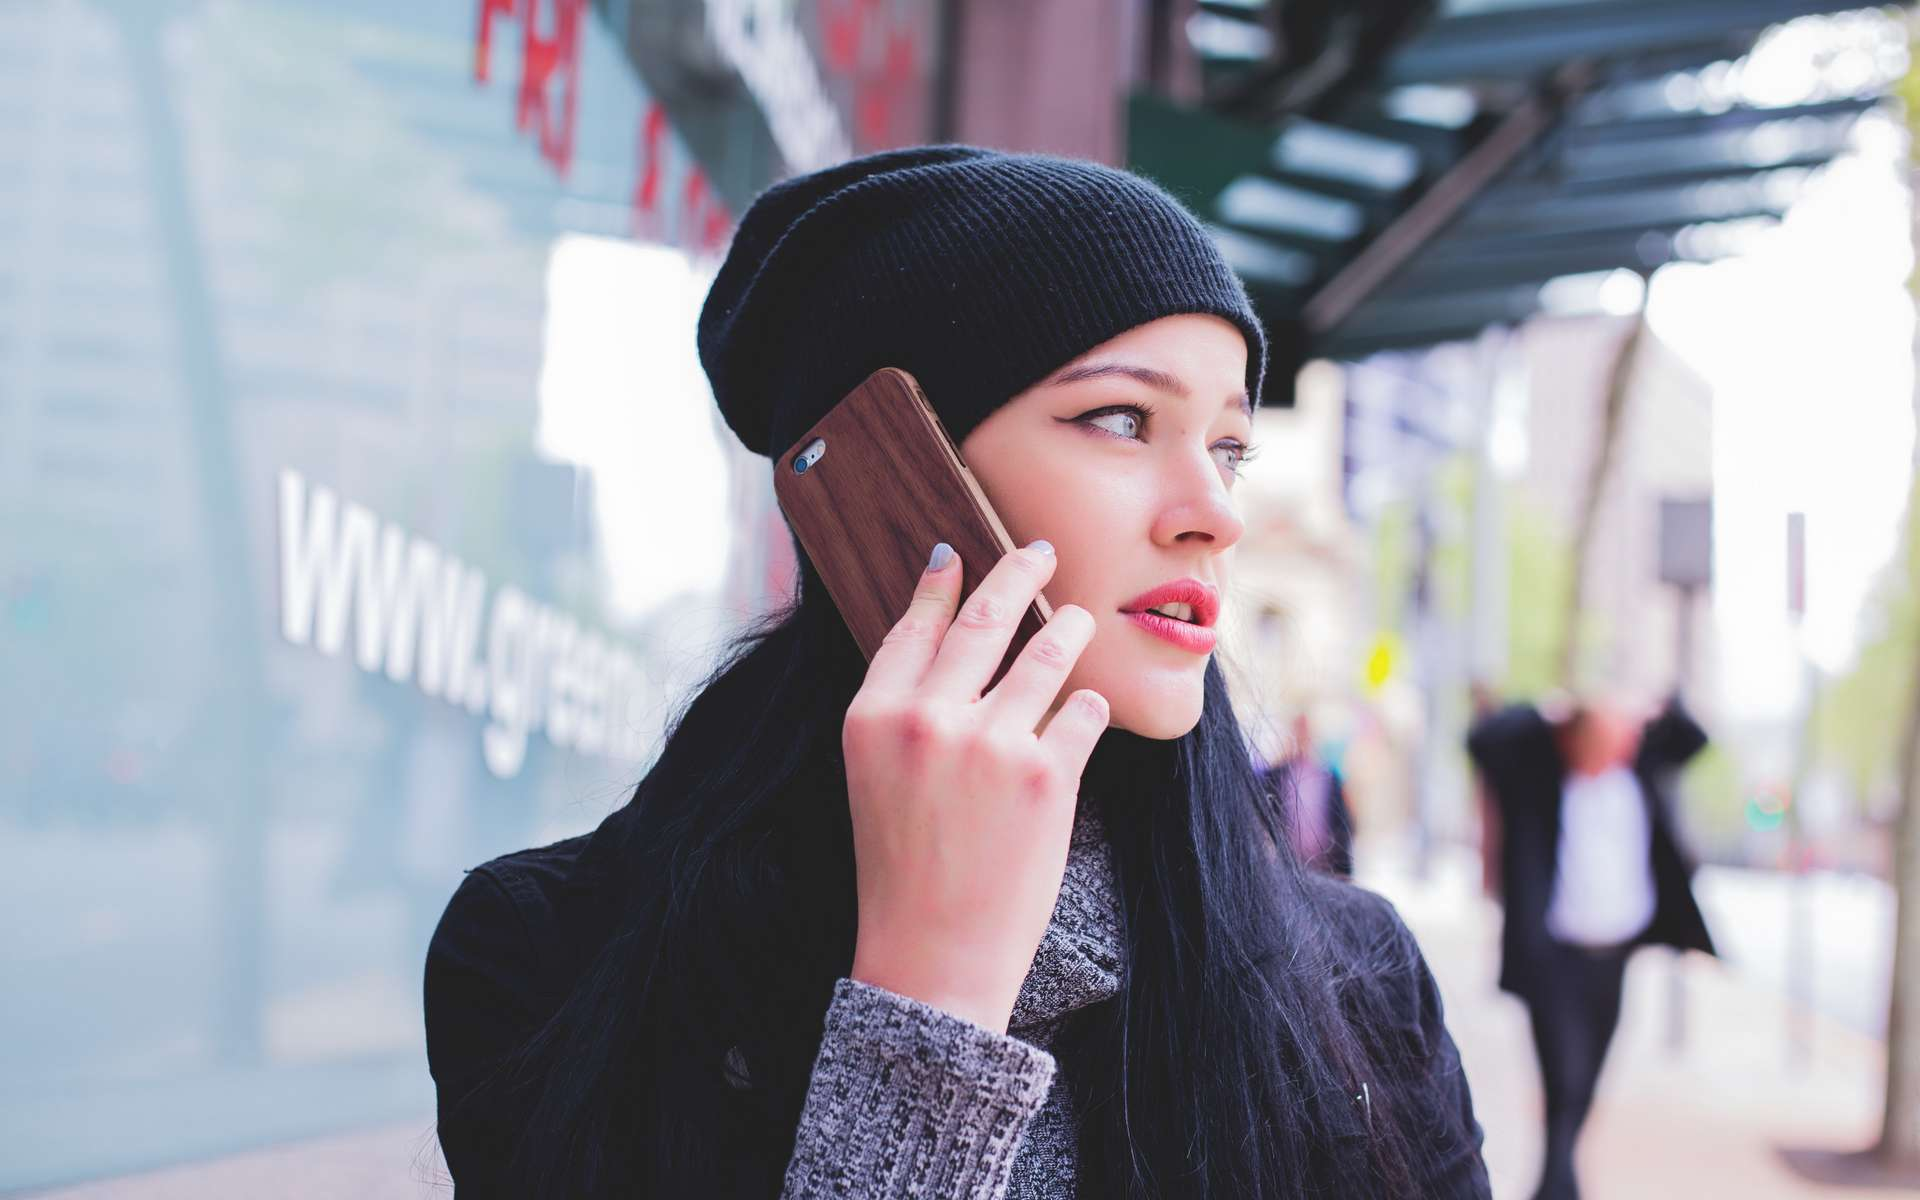 Quelles sont les meilleures offres de forfaits mobile ? © Fezbot2000, Unsplash